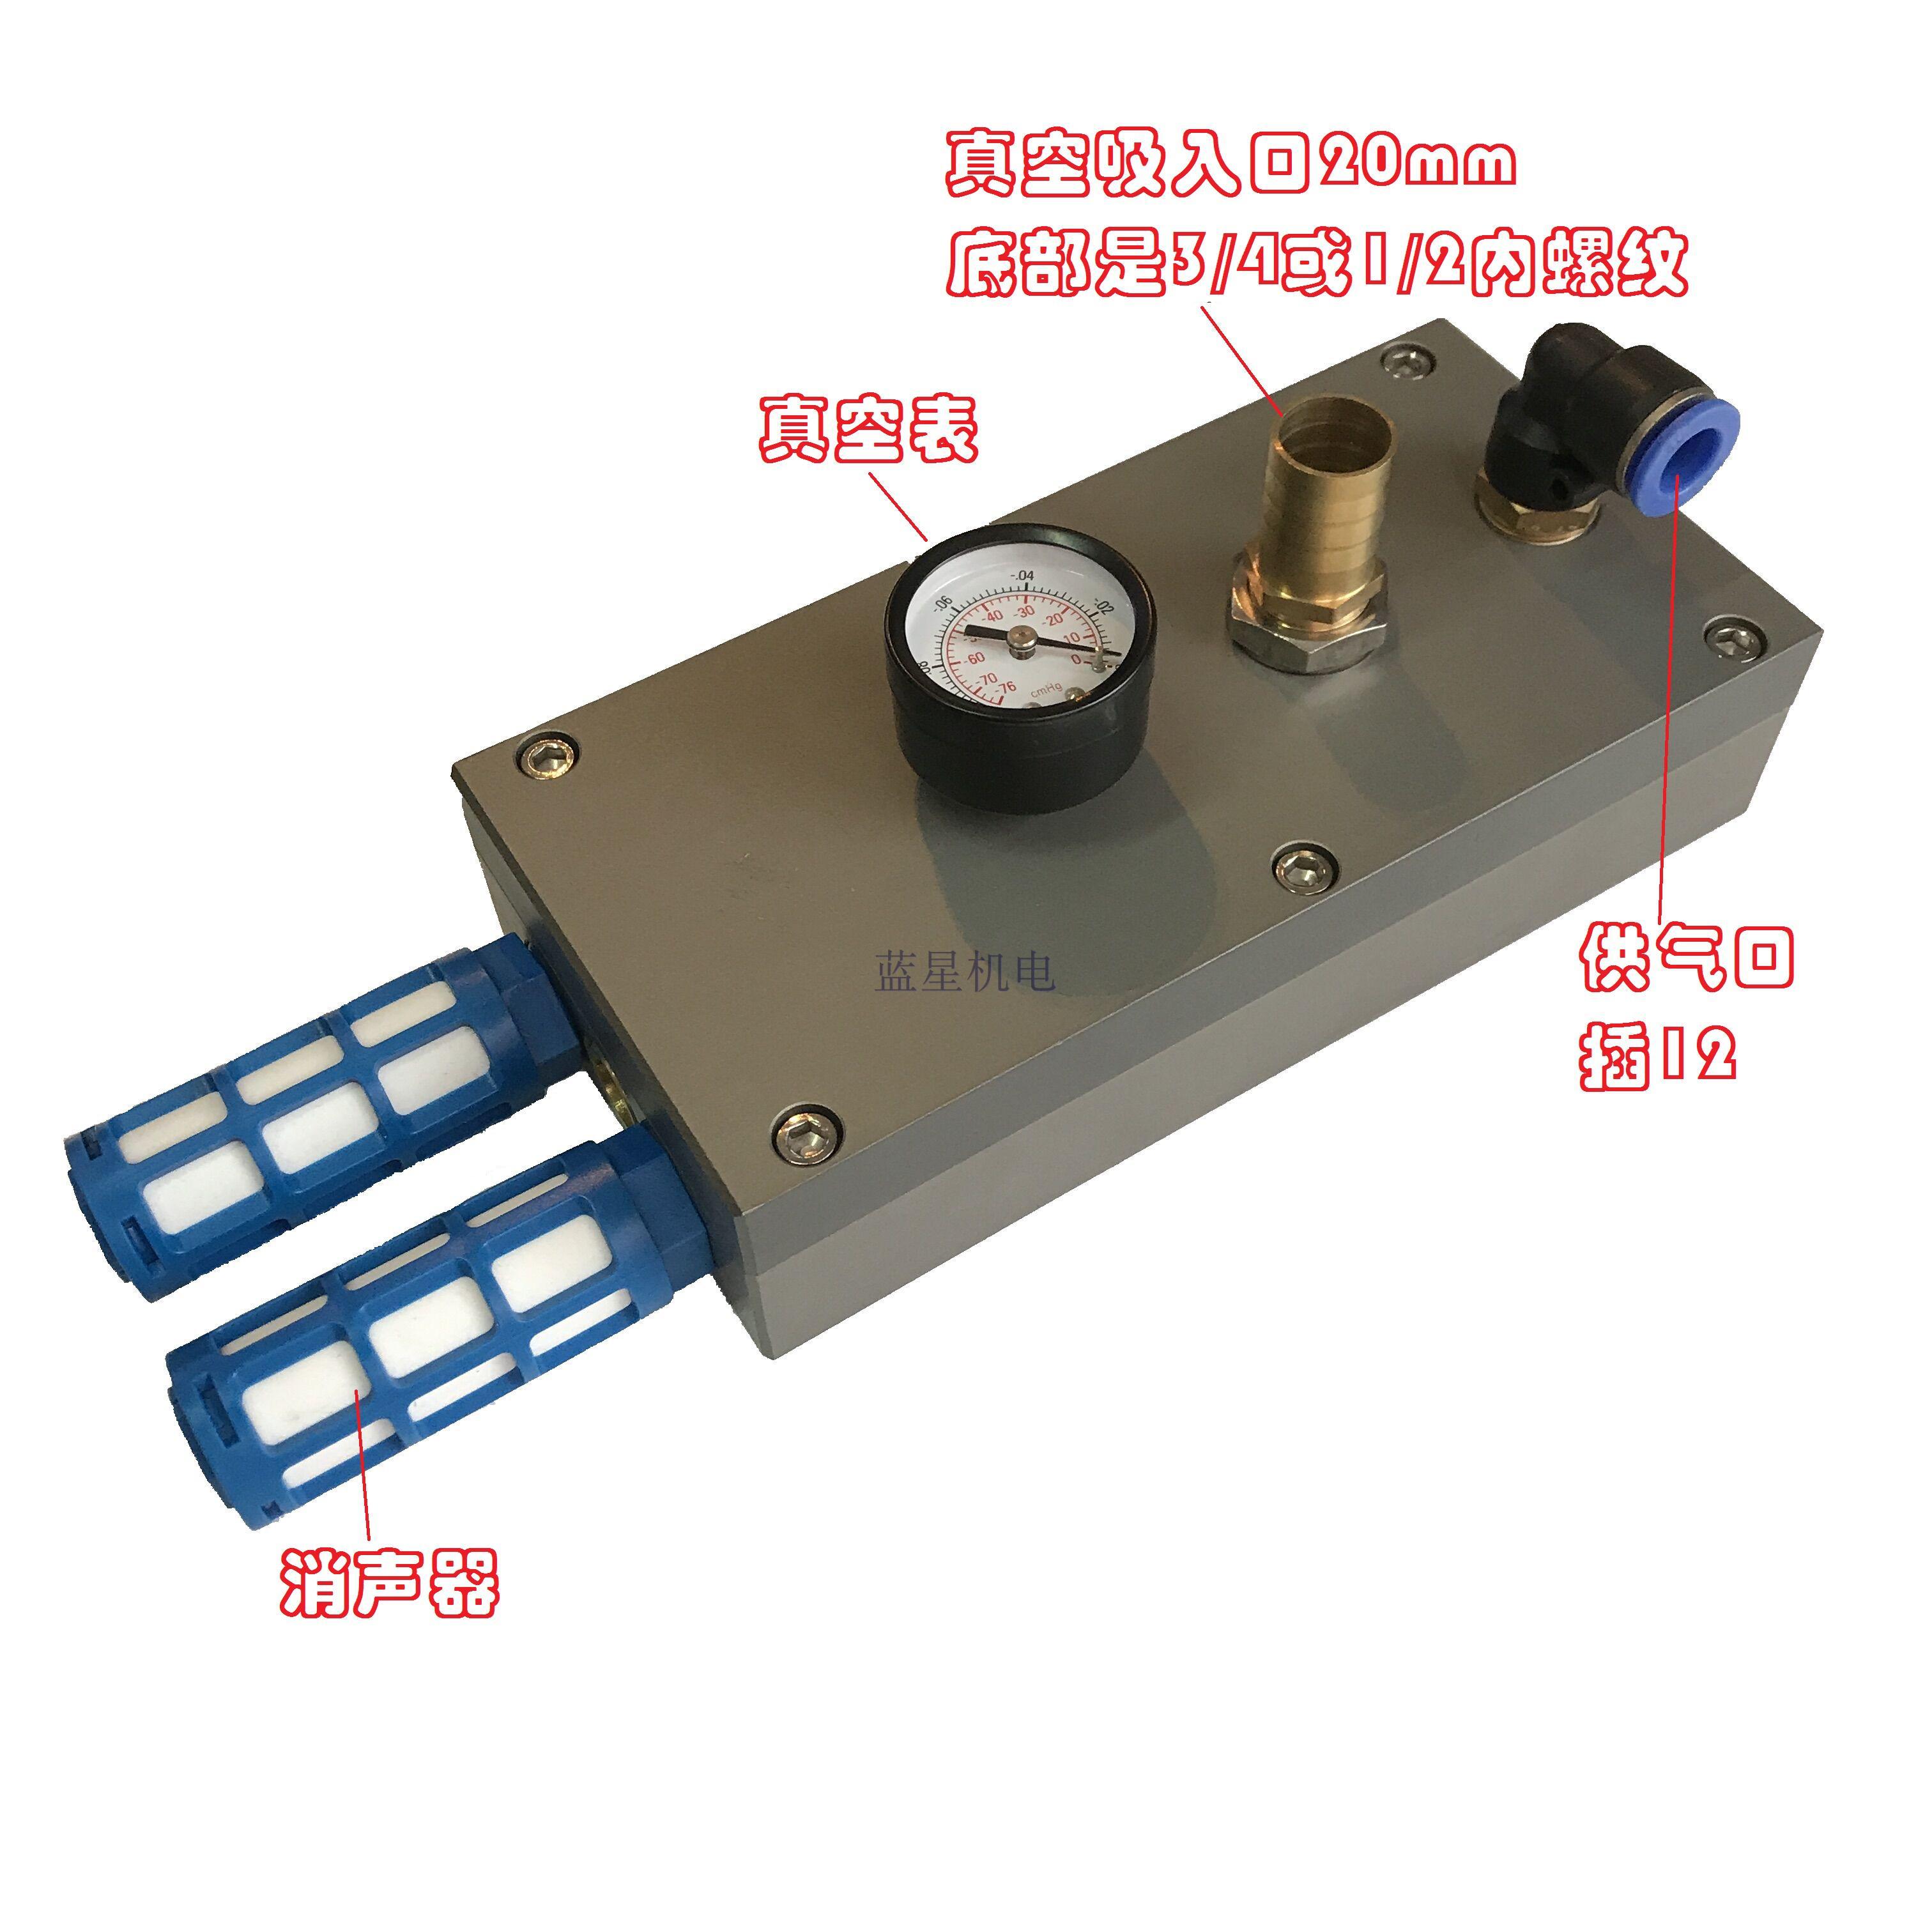 Large flow vacuum generator VTM700-06 flow 700L diameter 3/4) KV800-90 VTM750-80 scv 20 rc1 4 vacuum ejector smc type vacuum generator